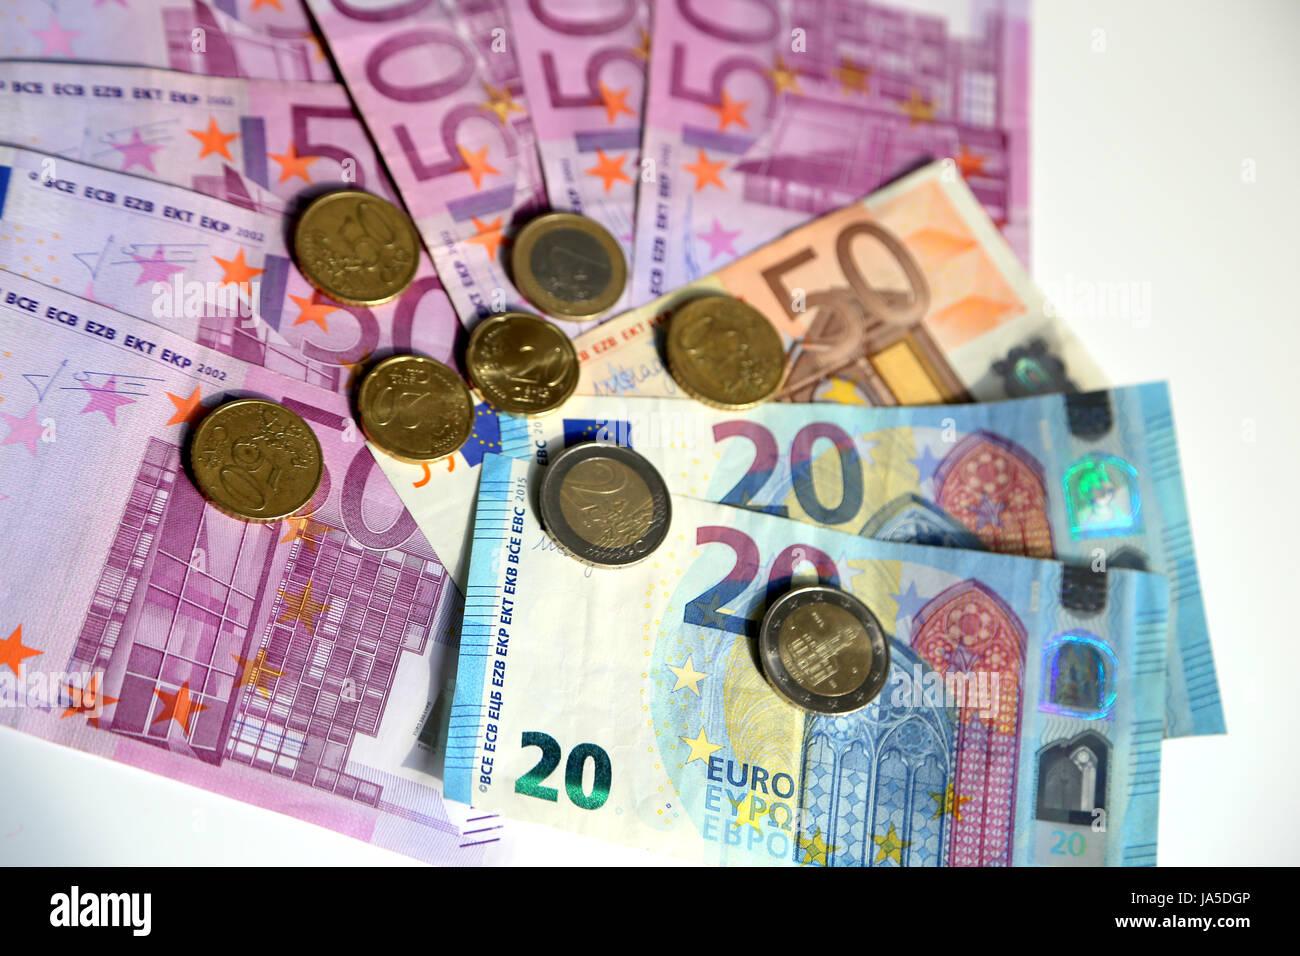 Papiergeld Scheine Und Münzen In In Mehrere Konfessionen Euro